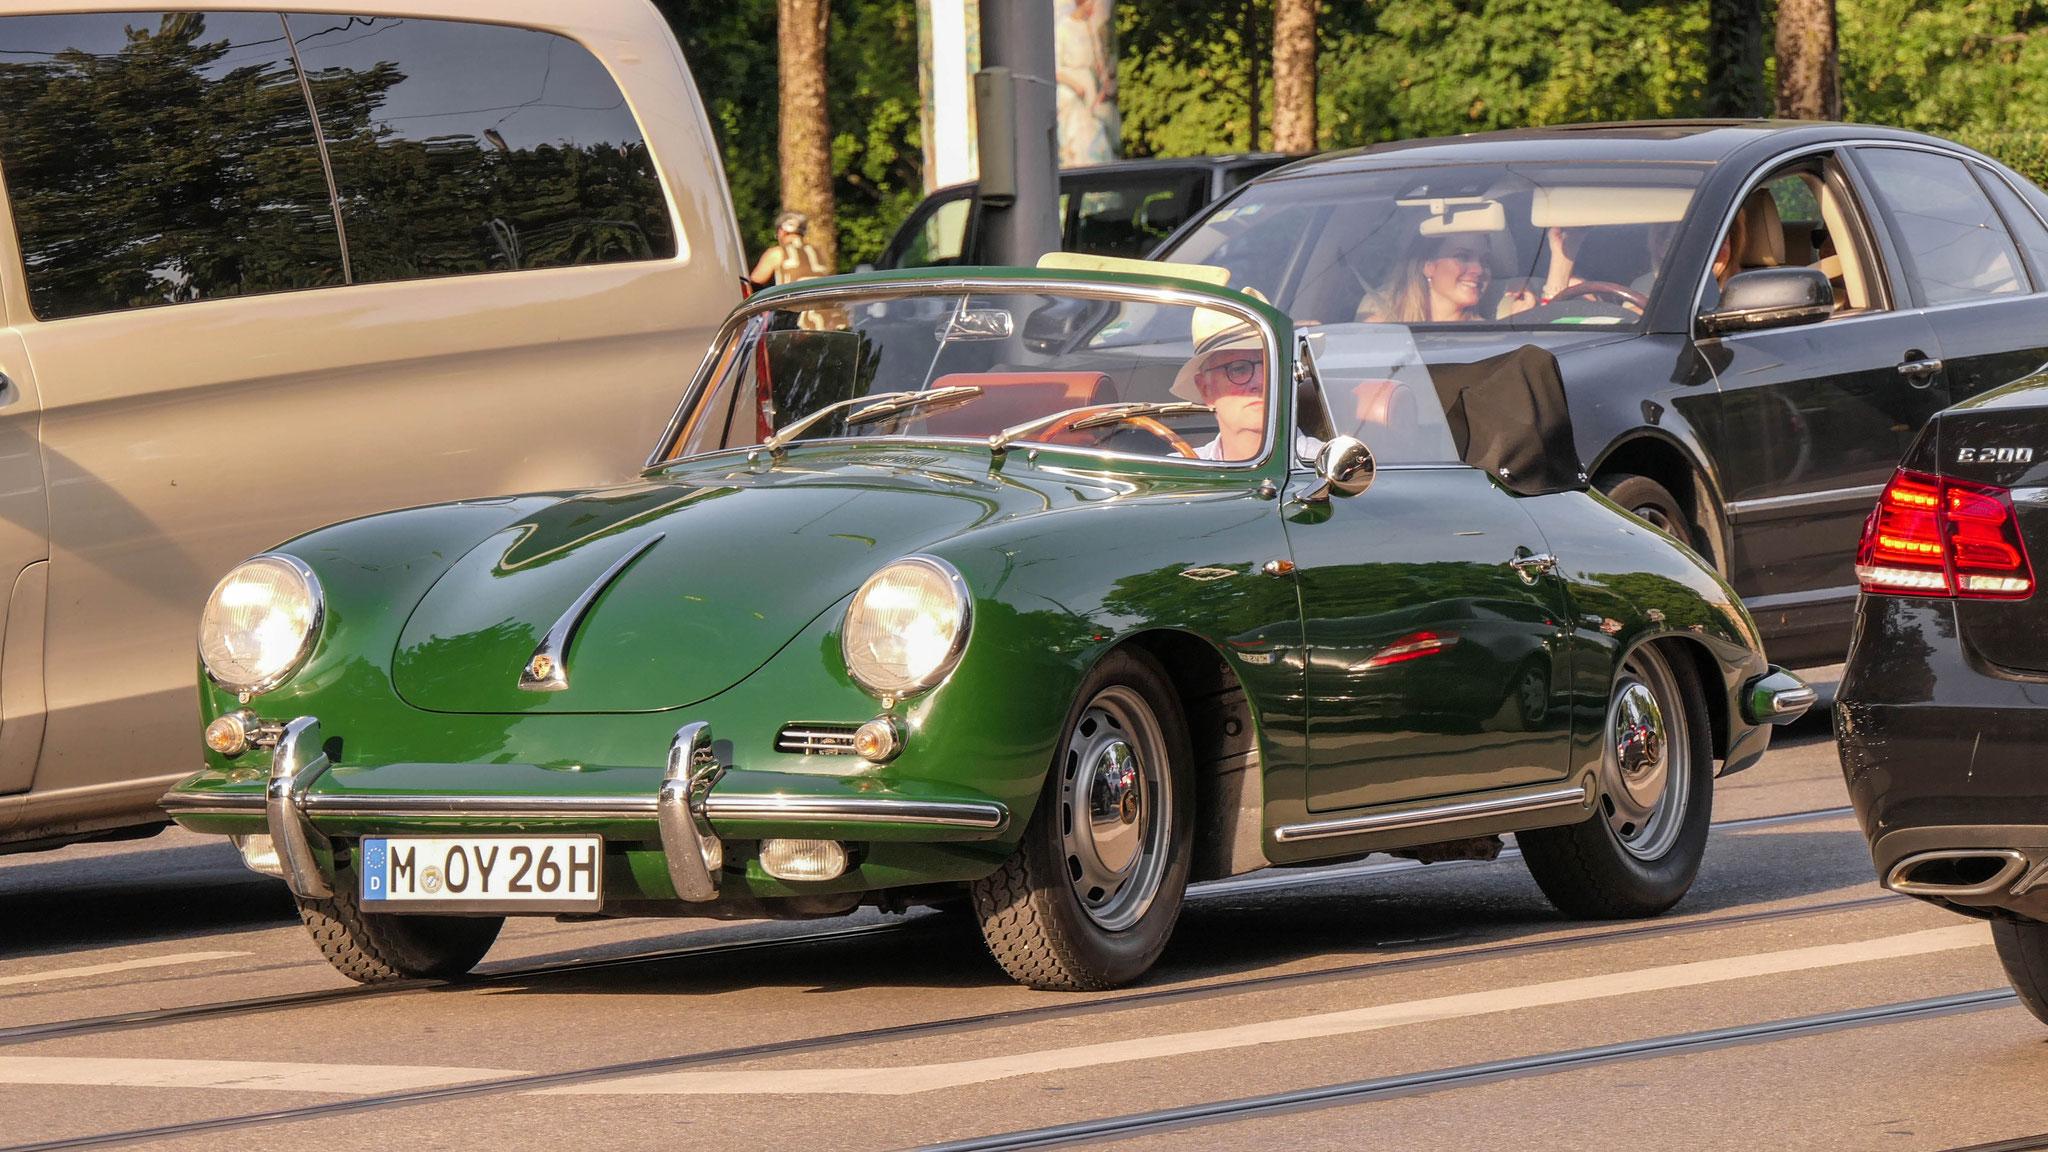 Porsche 356 1500 Speedster - M-OY-26H